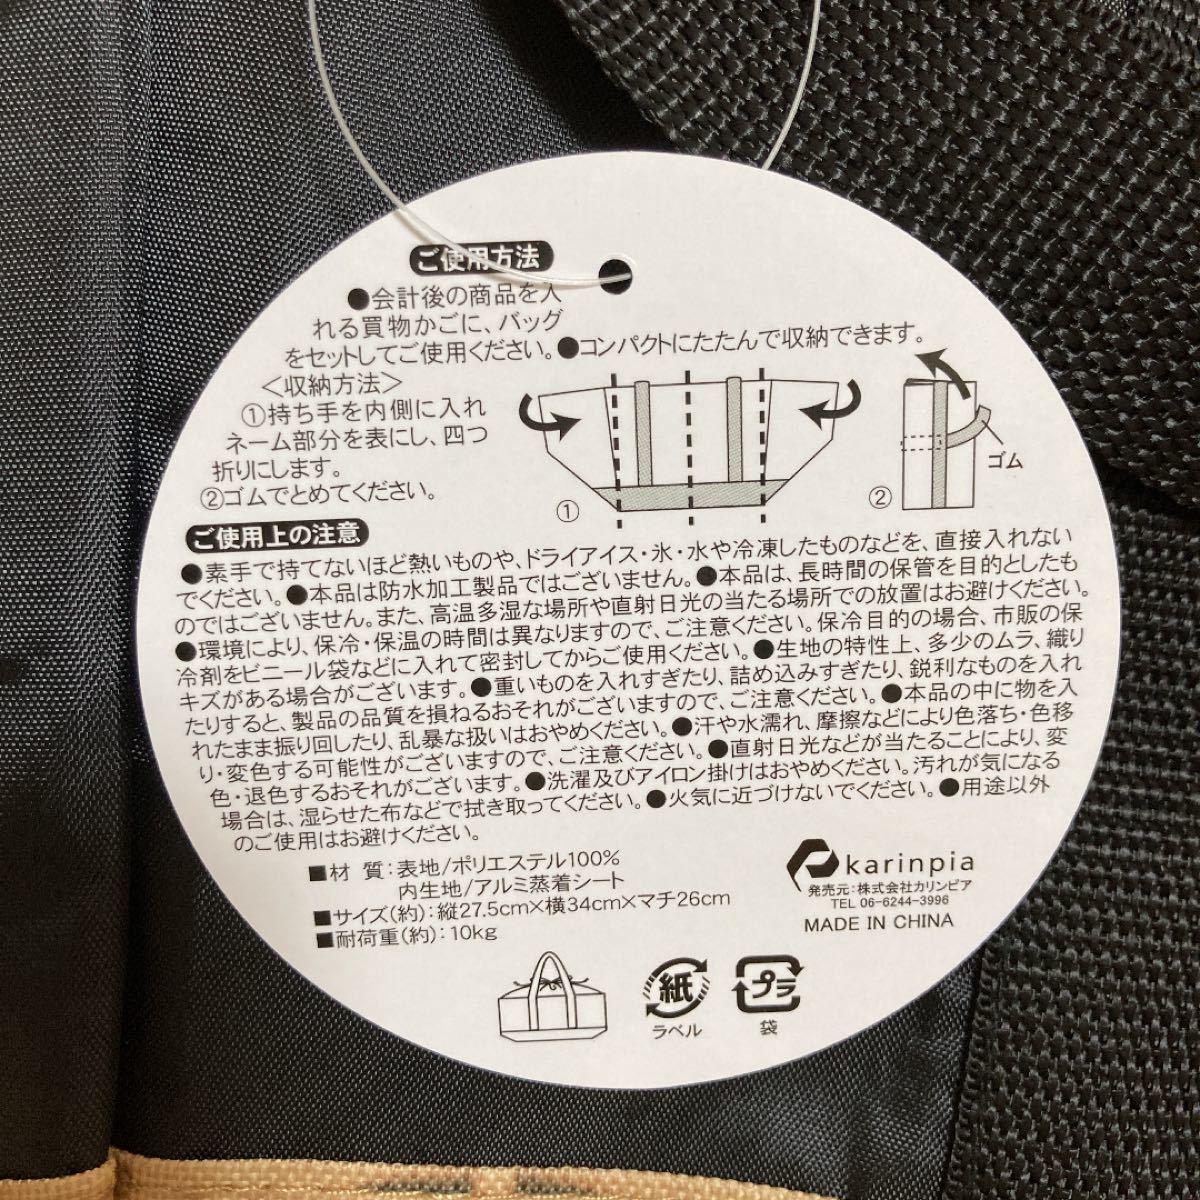 保冷 エコバッグ レジカゴバッグ トート カゴ  大容量 L おしゃれ ブラック トートバッグ 保冷バッグ キャンプ